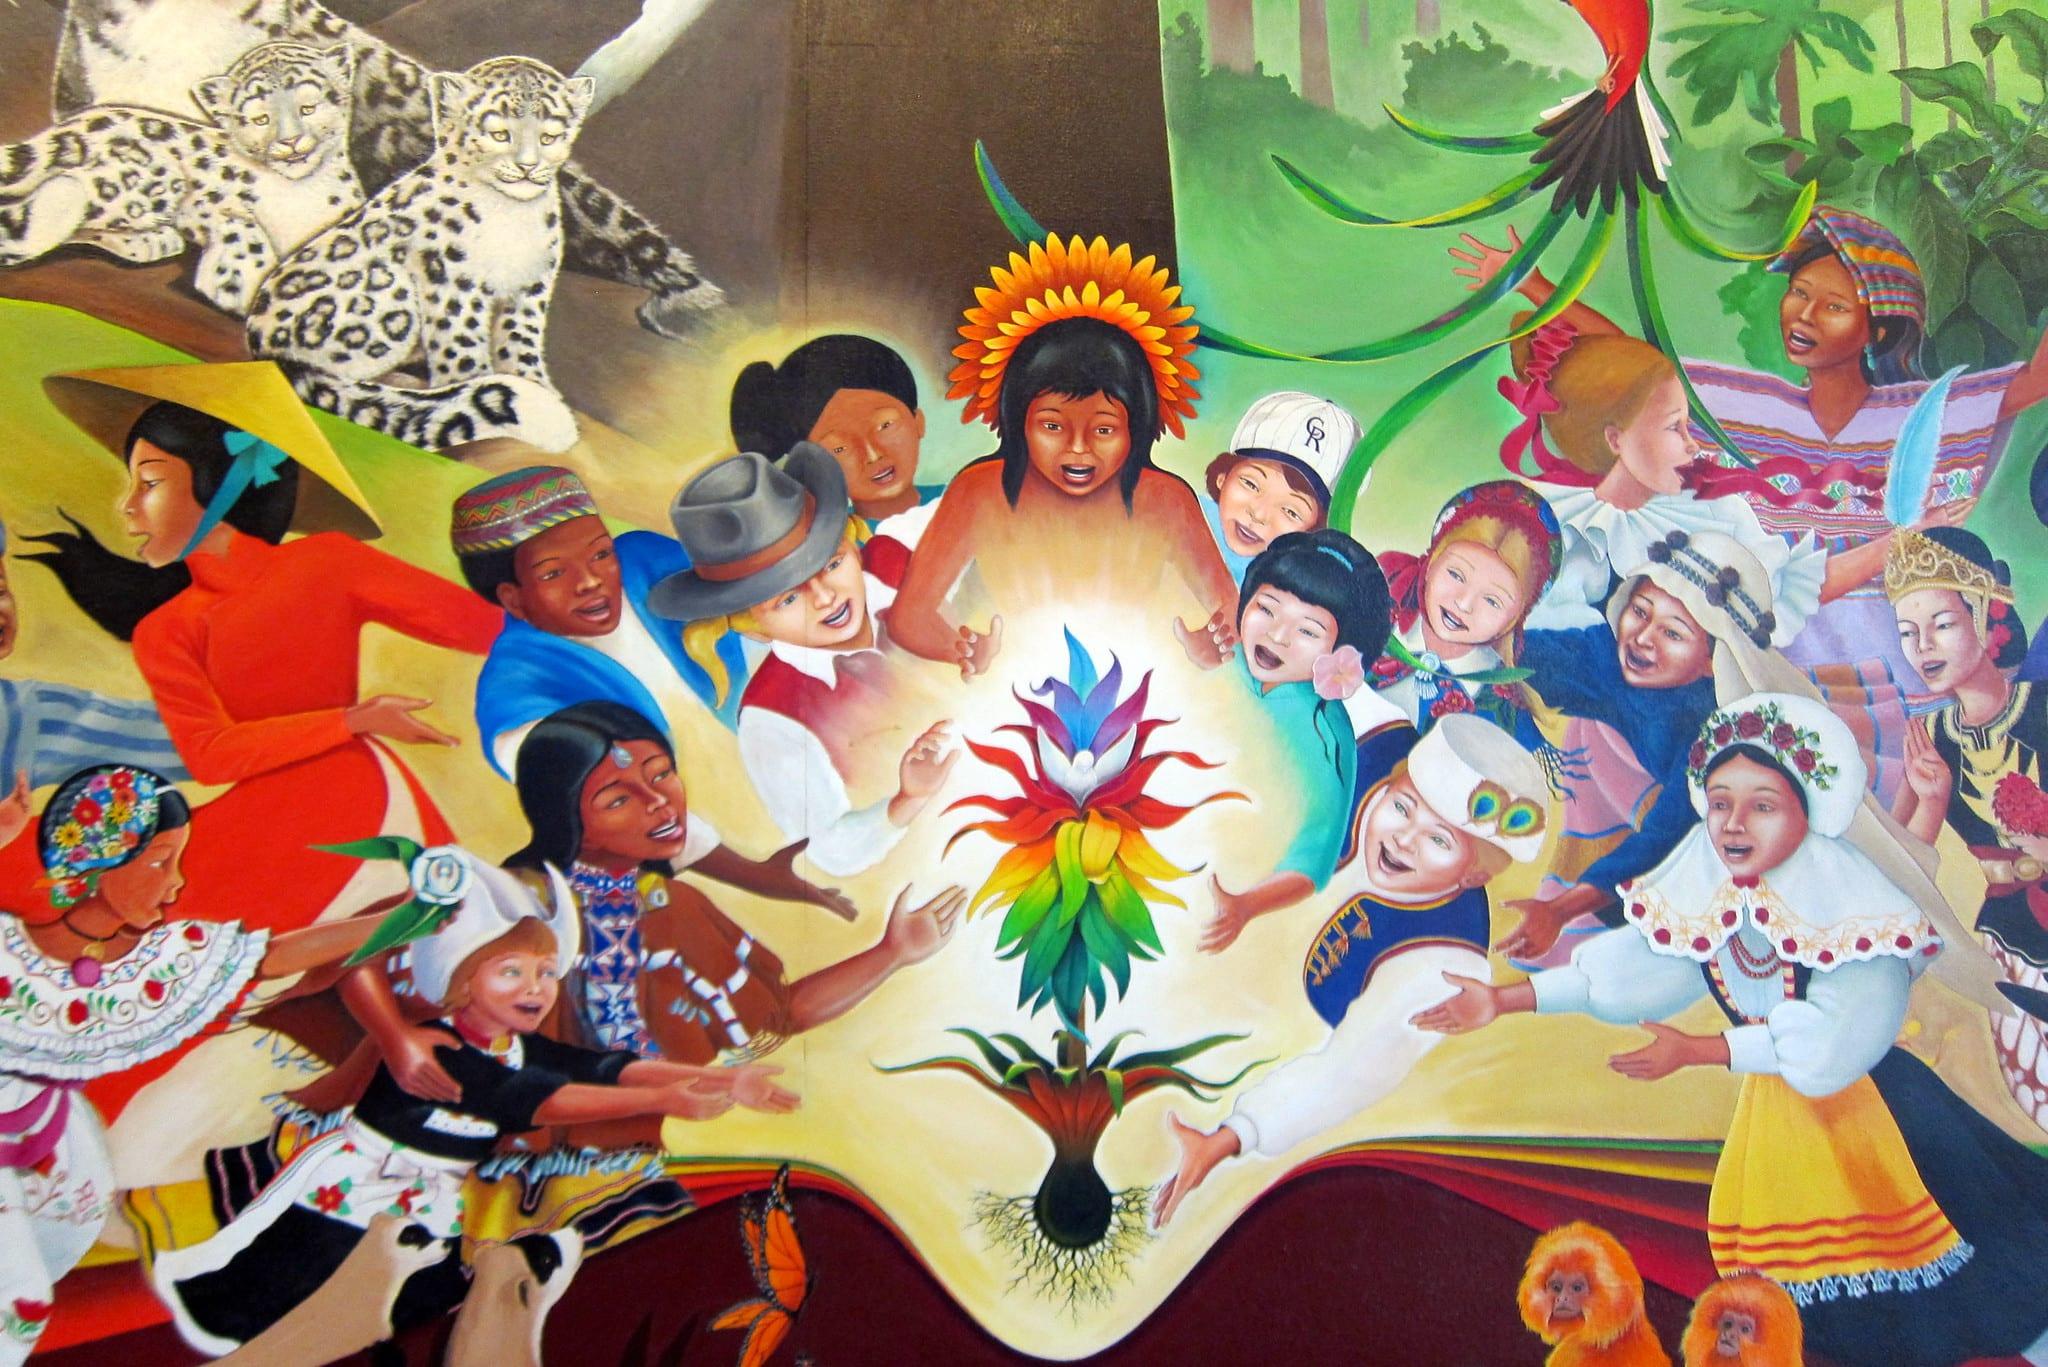 gambar mural di denver international airport